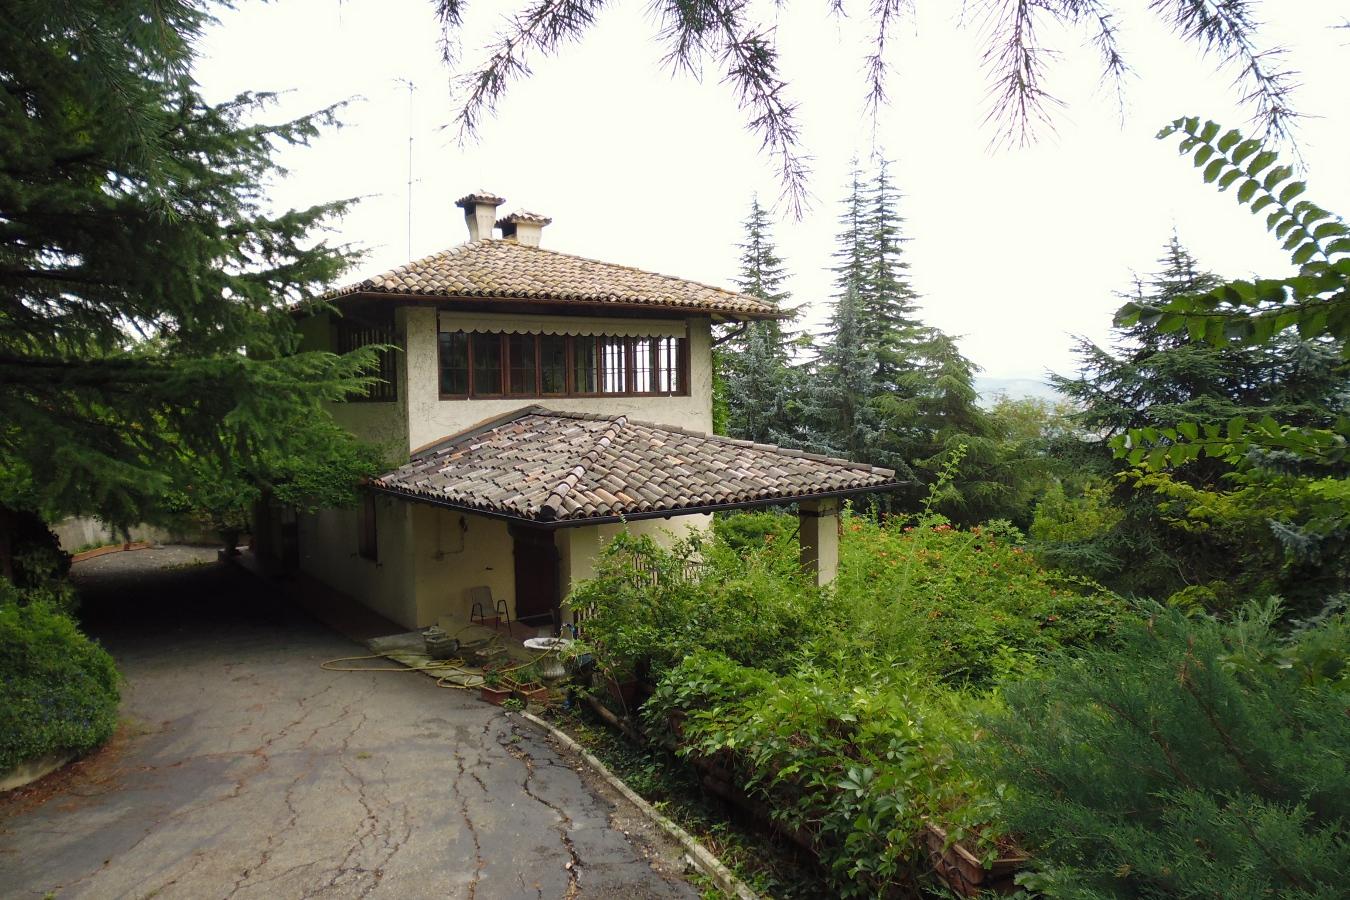 reggiani immobiliare casa castello di torrechiara